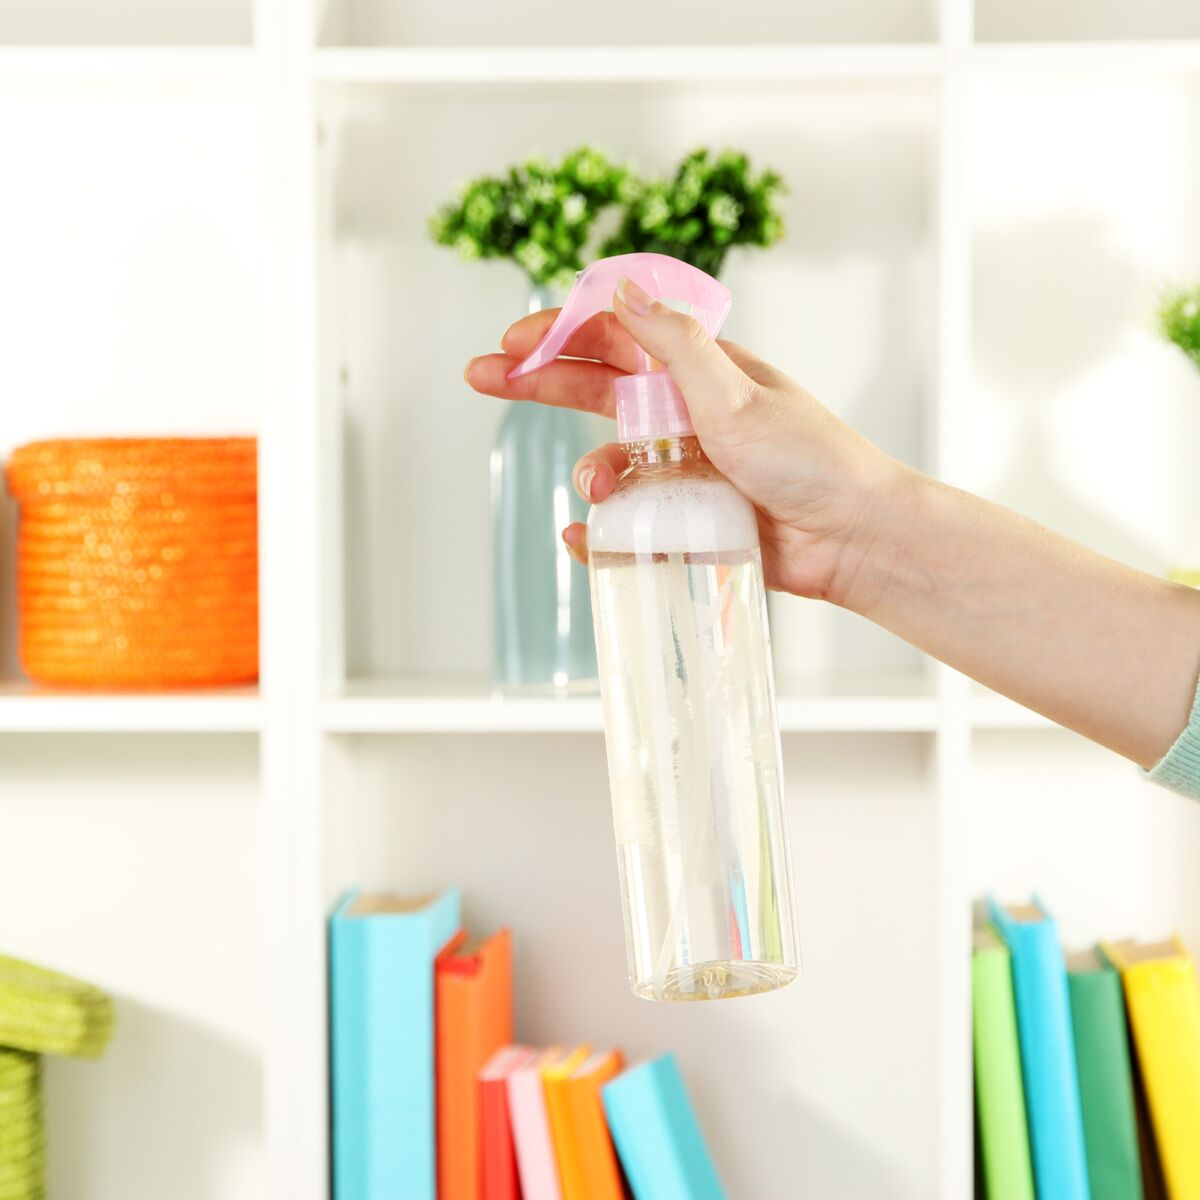 Mauvaise Odeur Armoire Linge 5 astuces pour éliminer l'odeur de tabac dans la maison